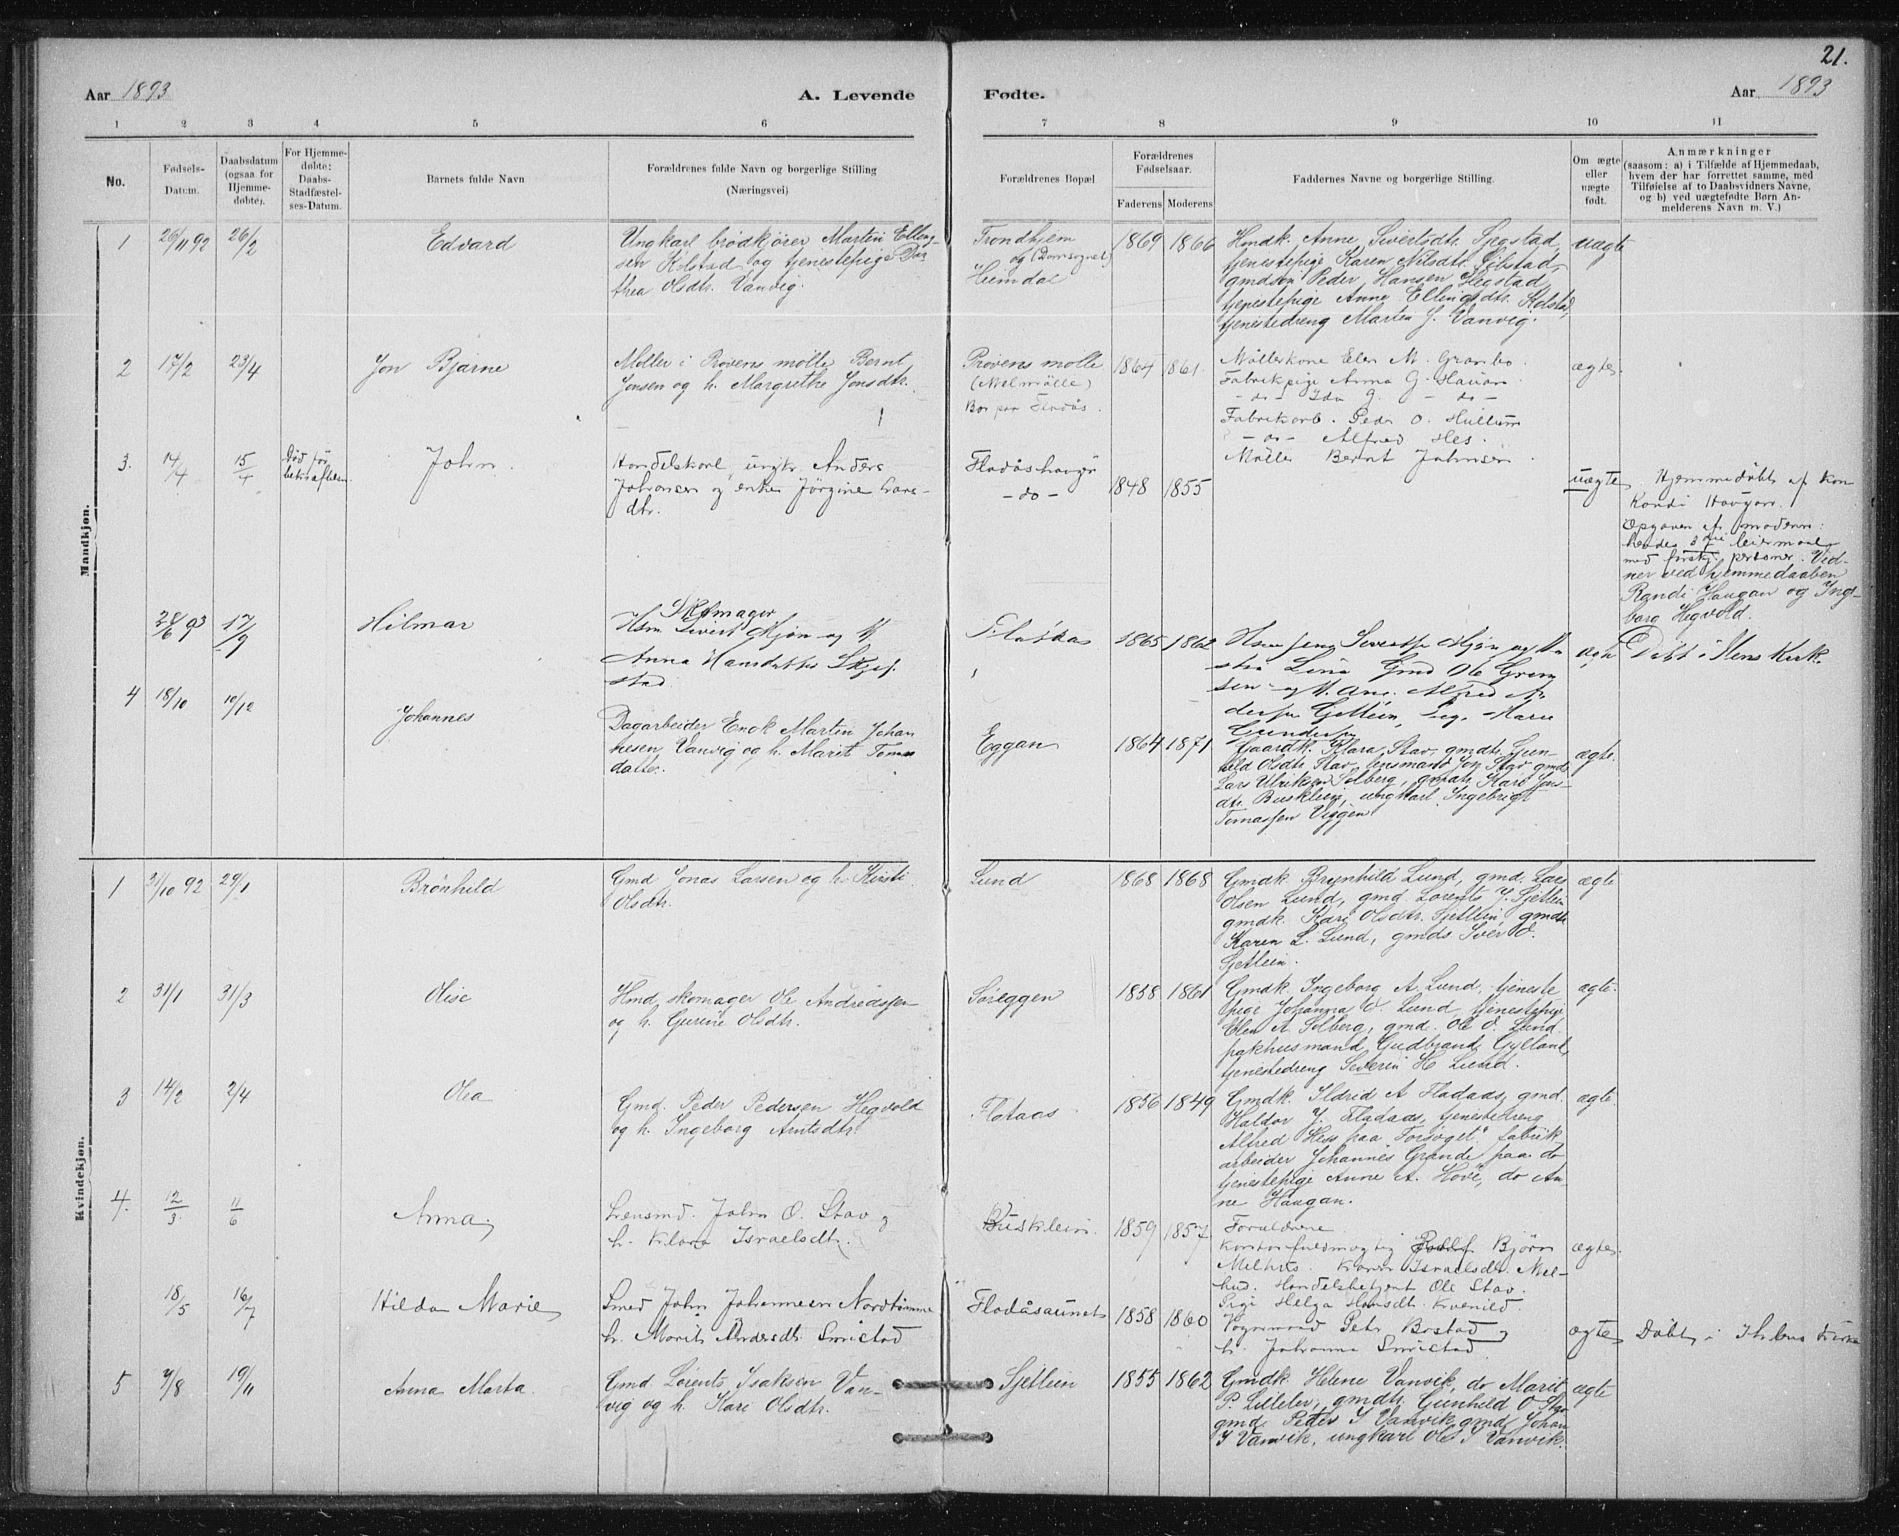 SAT, Ministerialprotokoller, klokkerbøker og fødselsregistre - Sør-Trøndelag, 613/L0392: Ministerialbok nr. 613A01, 1887-1906, s. 21